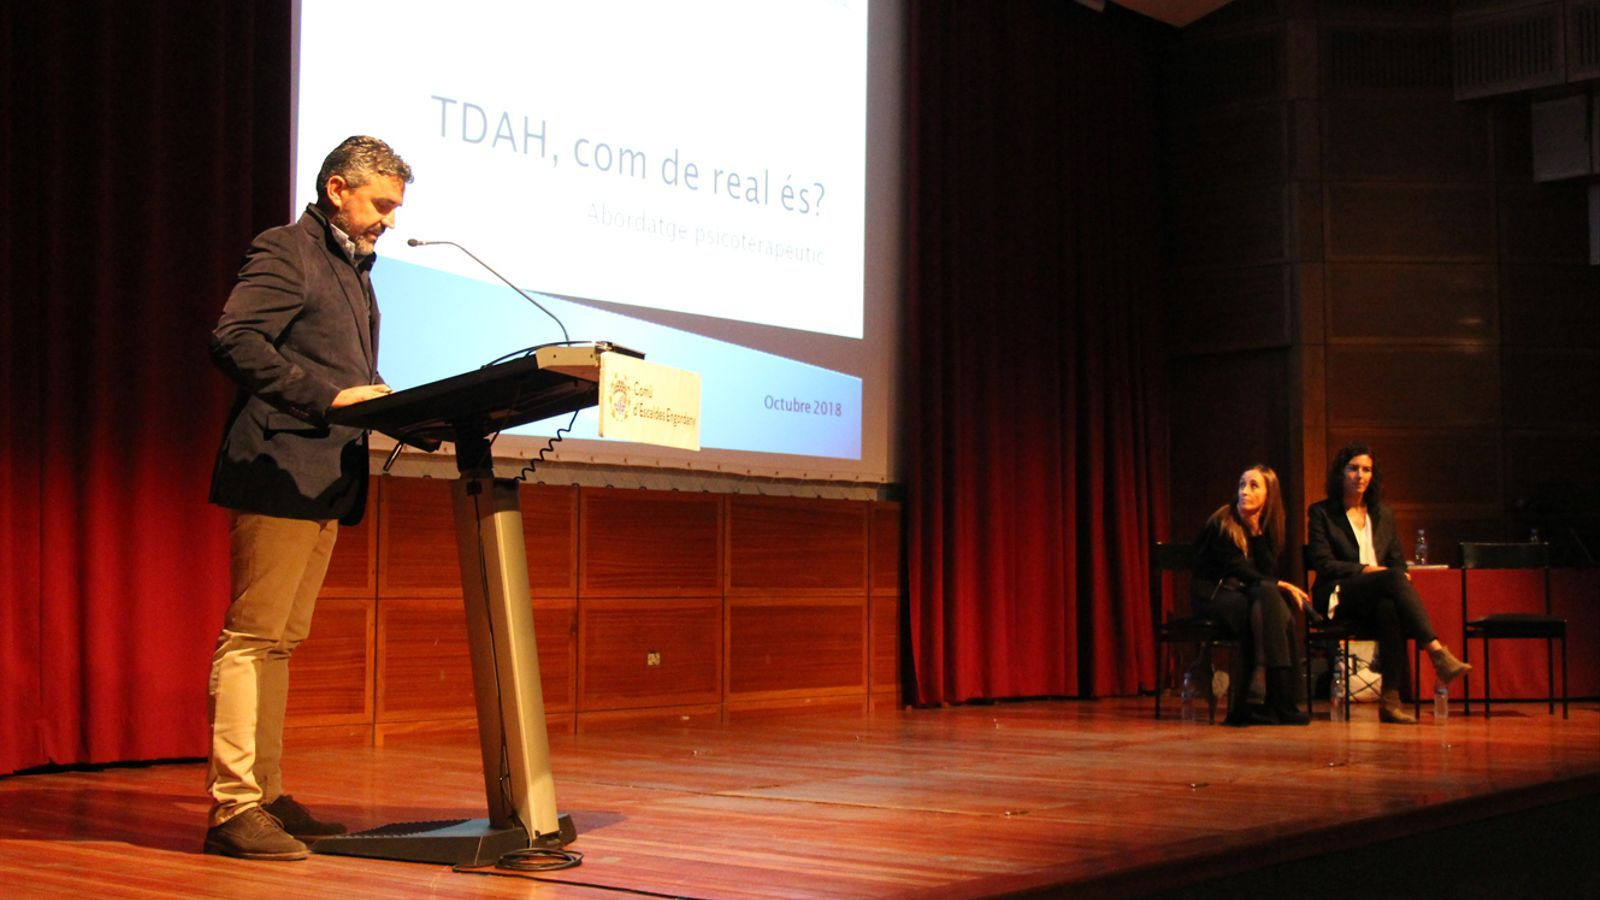 Imatge de la presentació de la jornada sobre TDAH celebrada aquest divendres a Escaldes-Engordany. / M. P. (ANA)